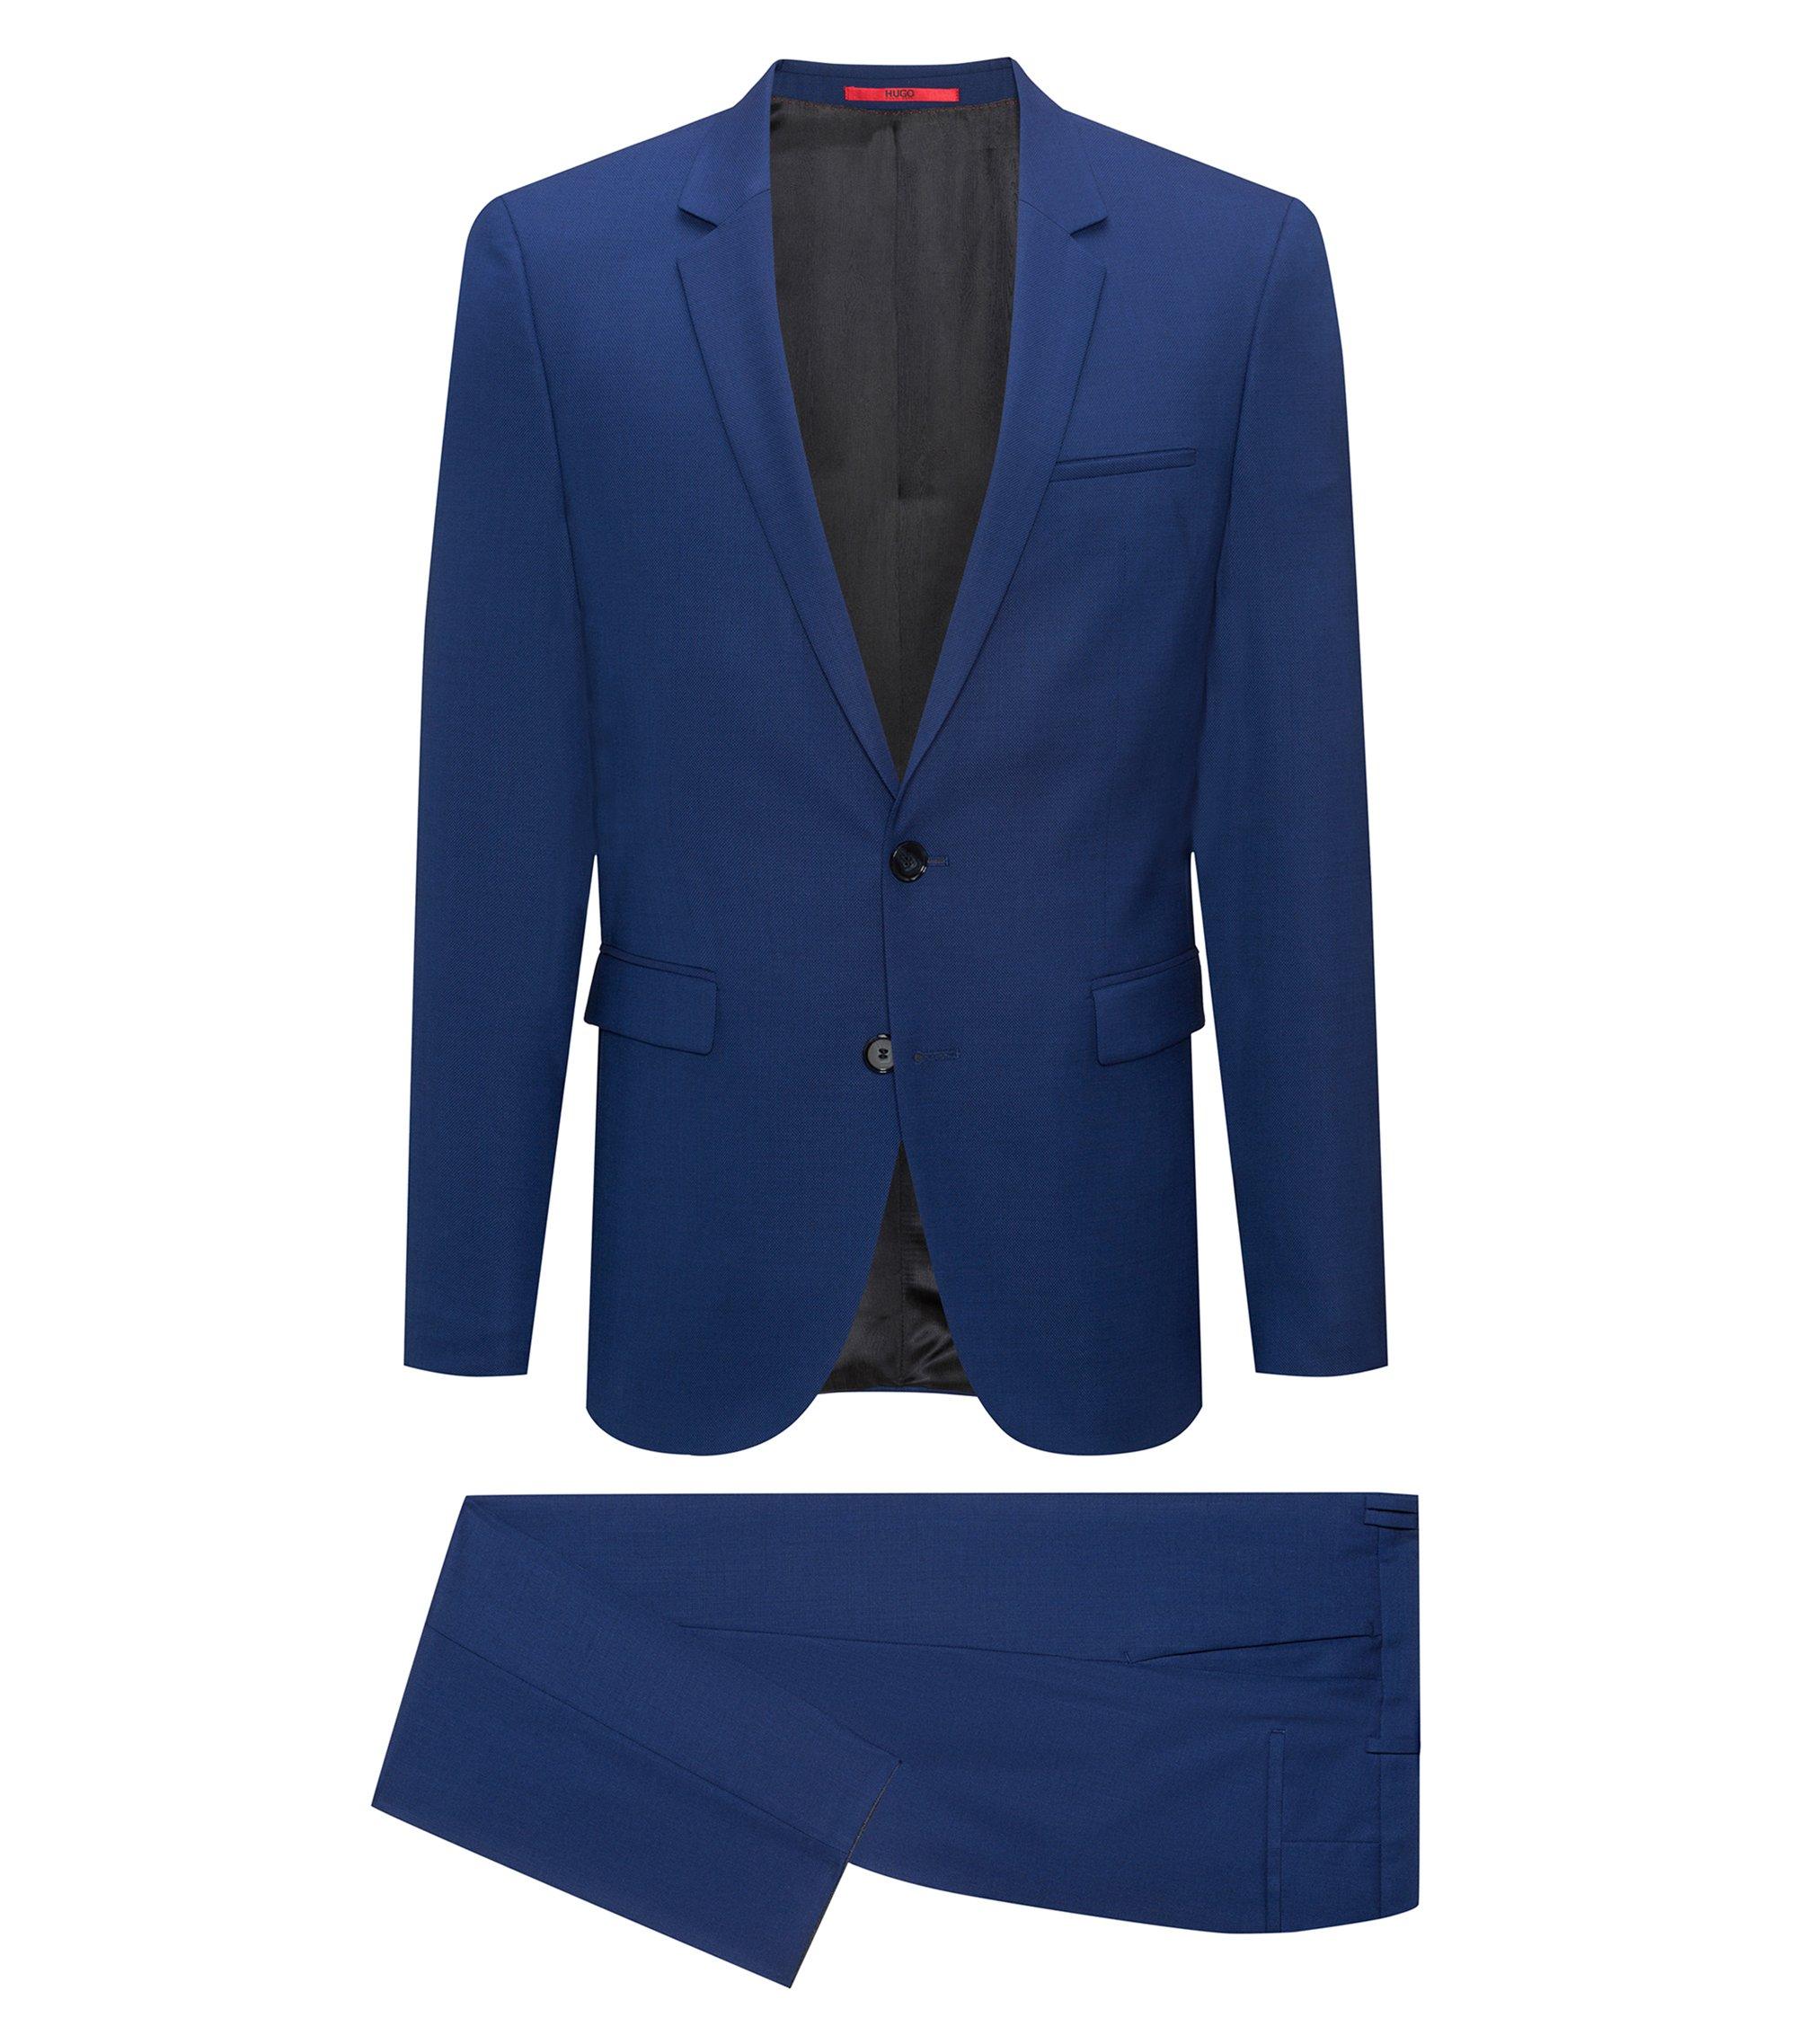 Abito extra slim fit in lana vergine realizzata in Italia, Blu scuro